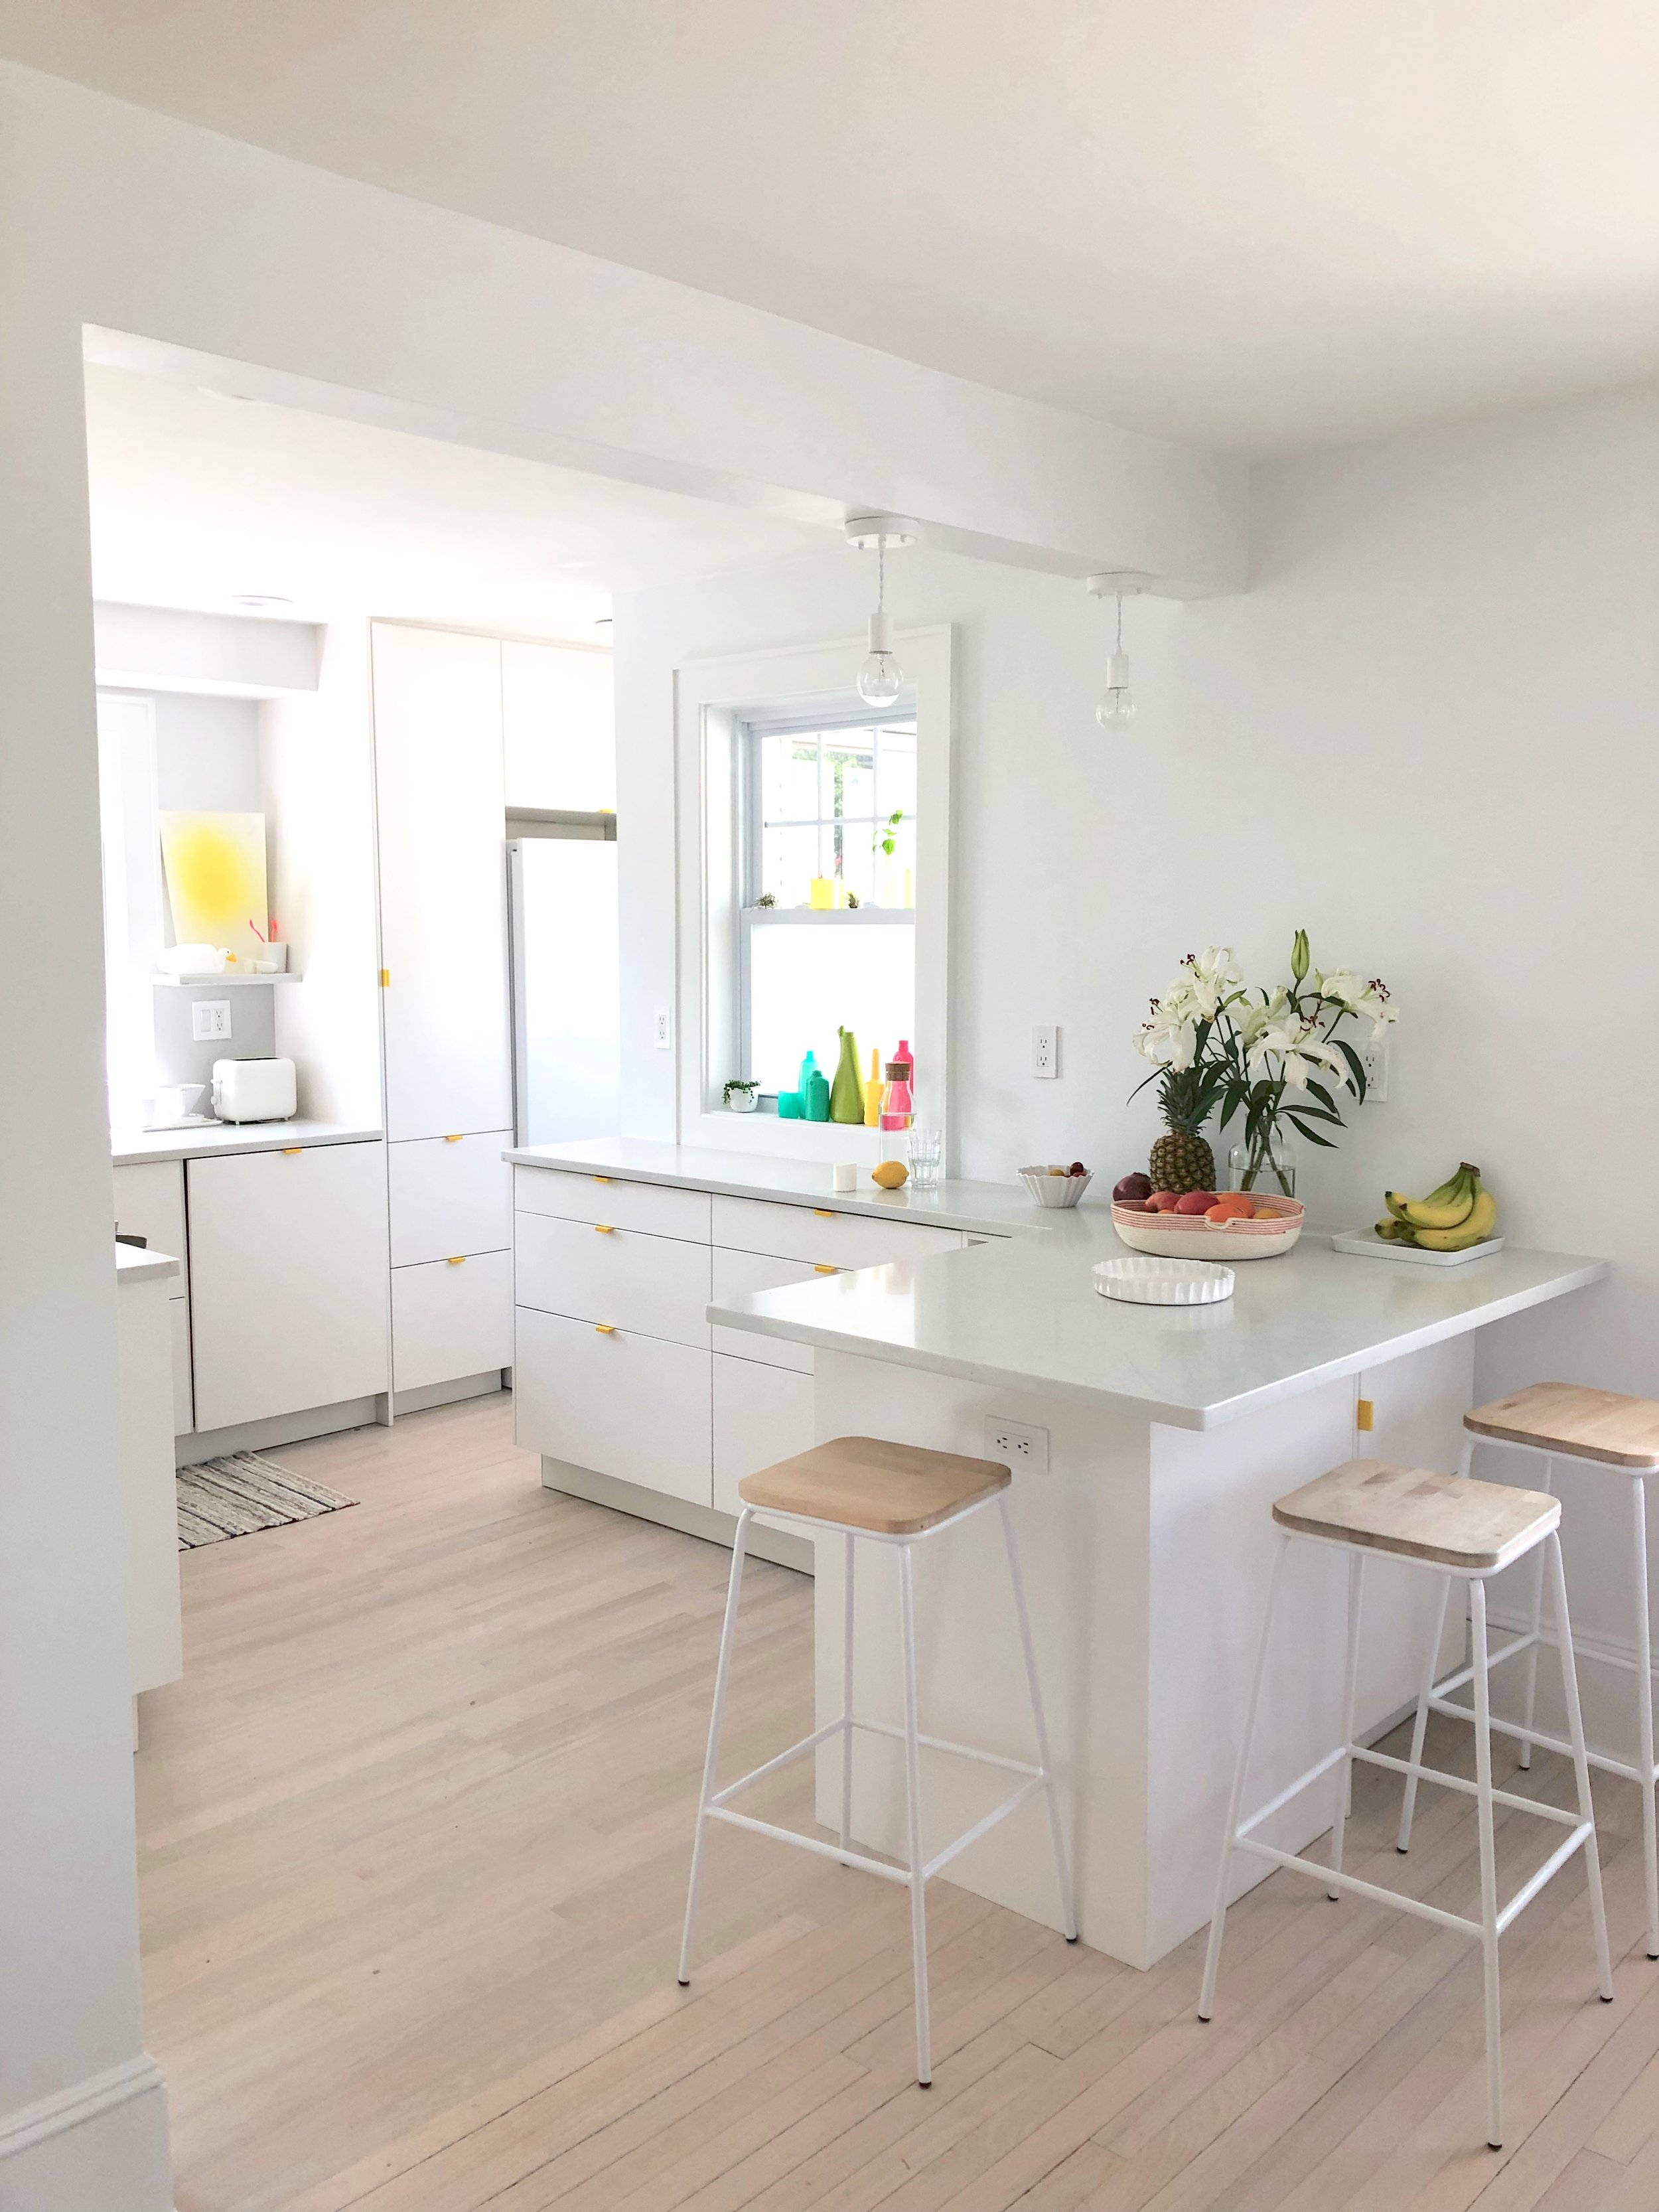 jodi-levine-kitchen.jpg